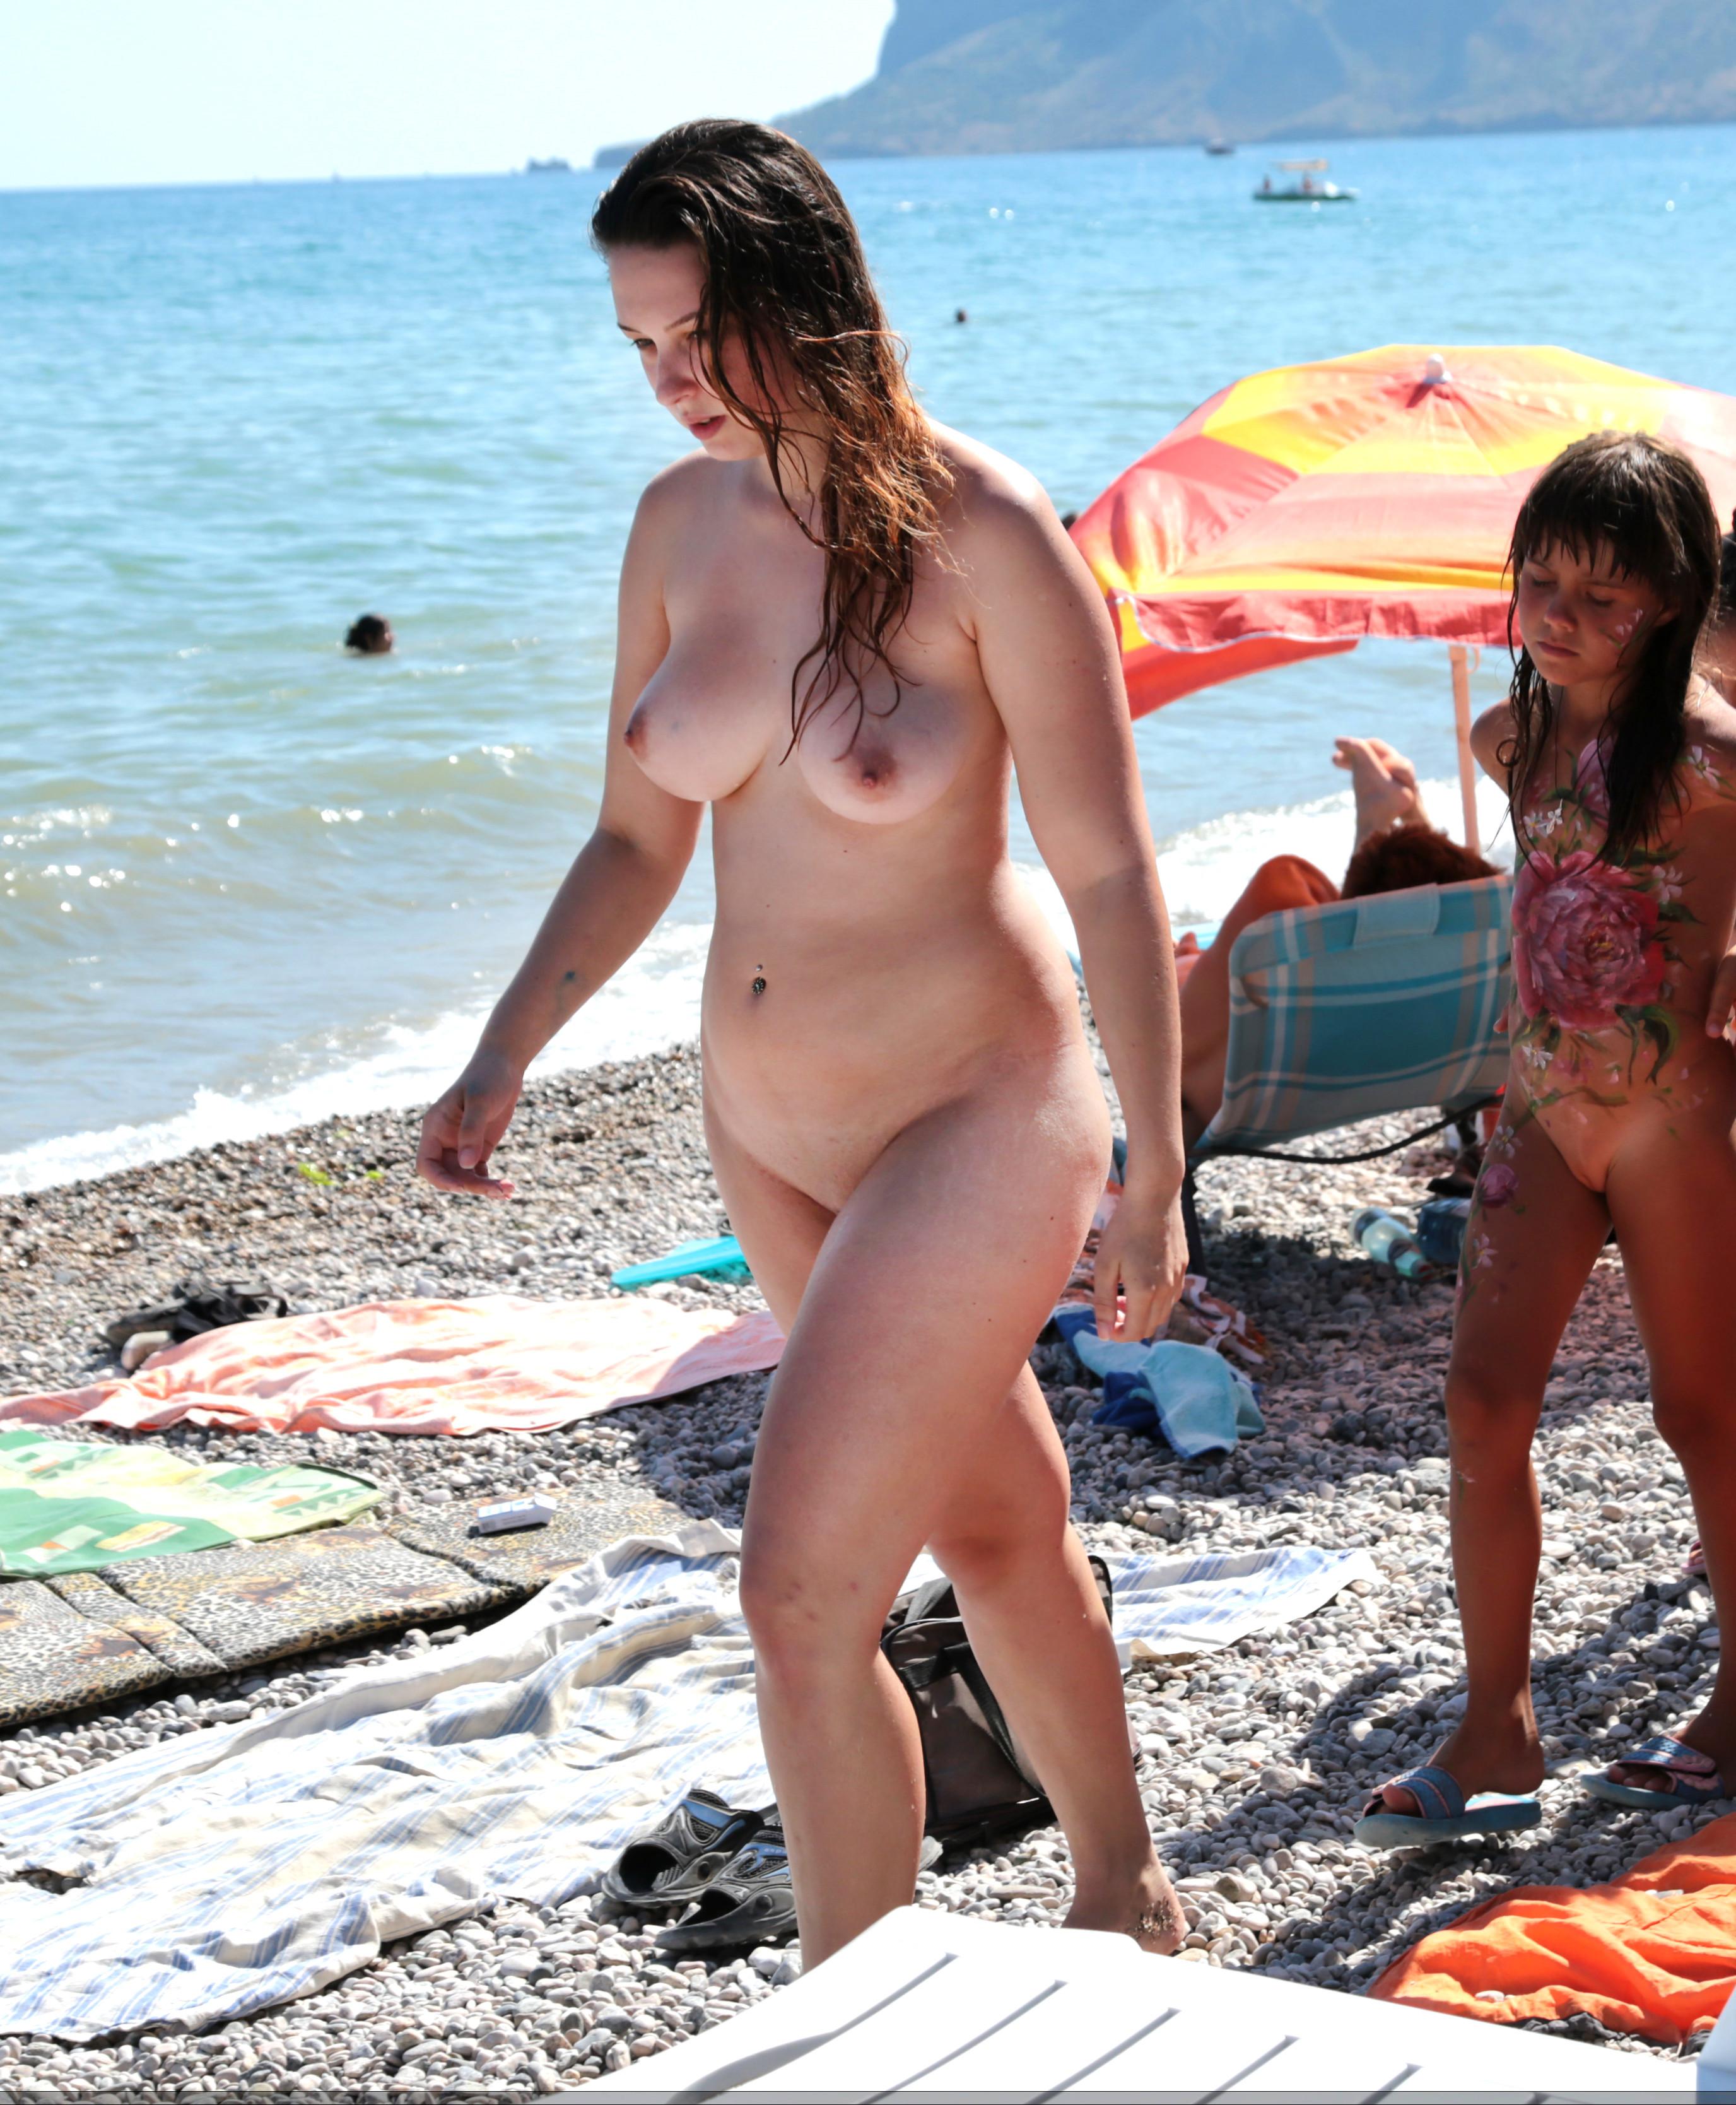 Подборка нудистов на диком пляже через скрытую камеру